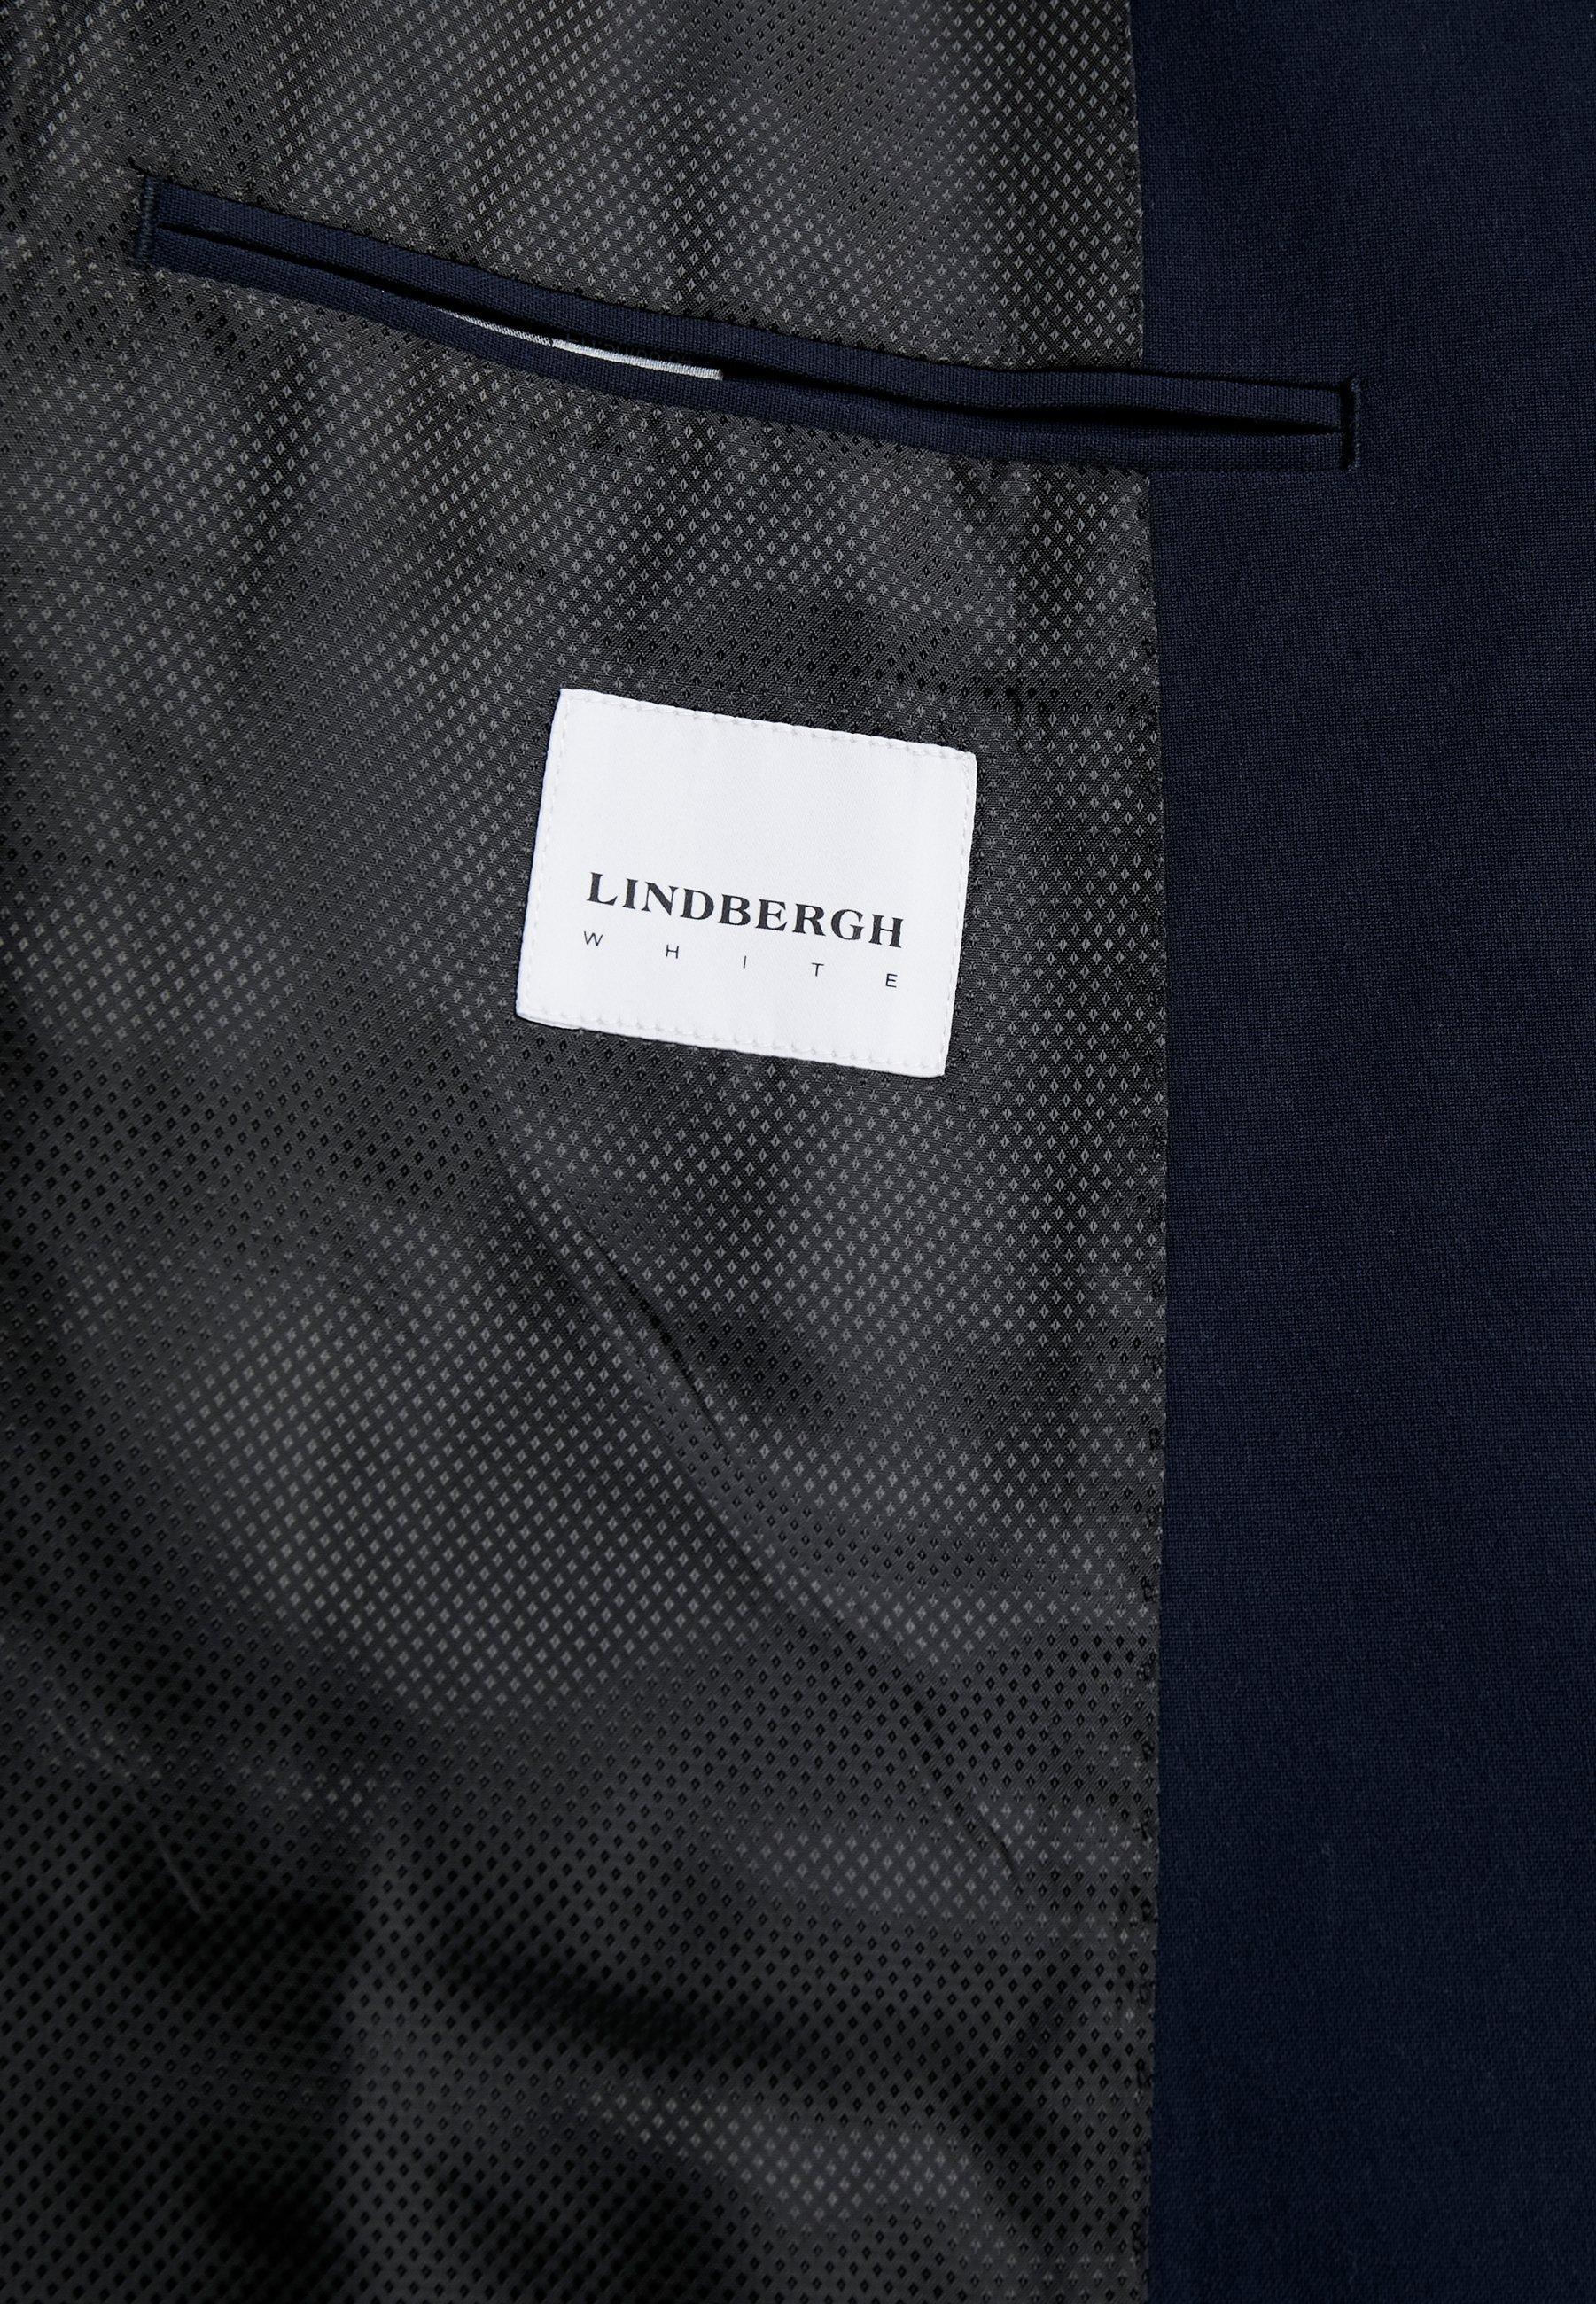 Klassinen Miesten vaatteet Sarja dfKJIUp97454sfGHYHD Lindbergh PLAIN MENS SUIT Puku navy